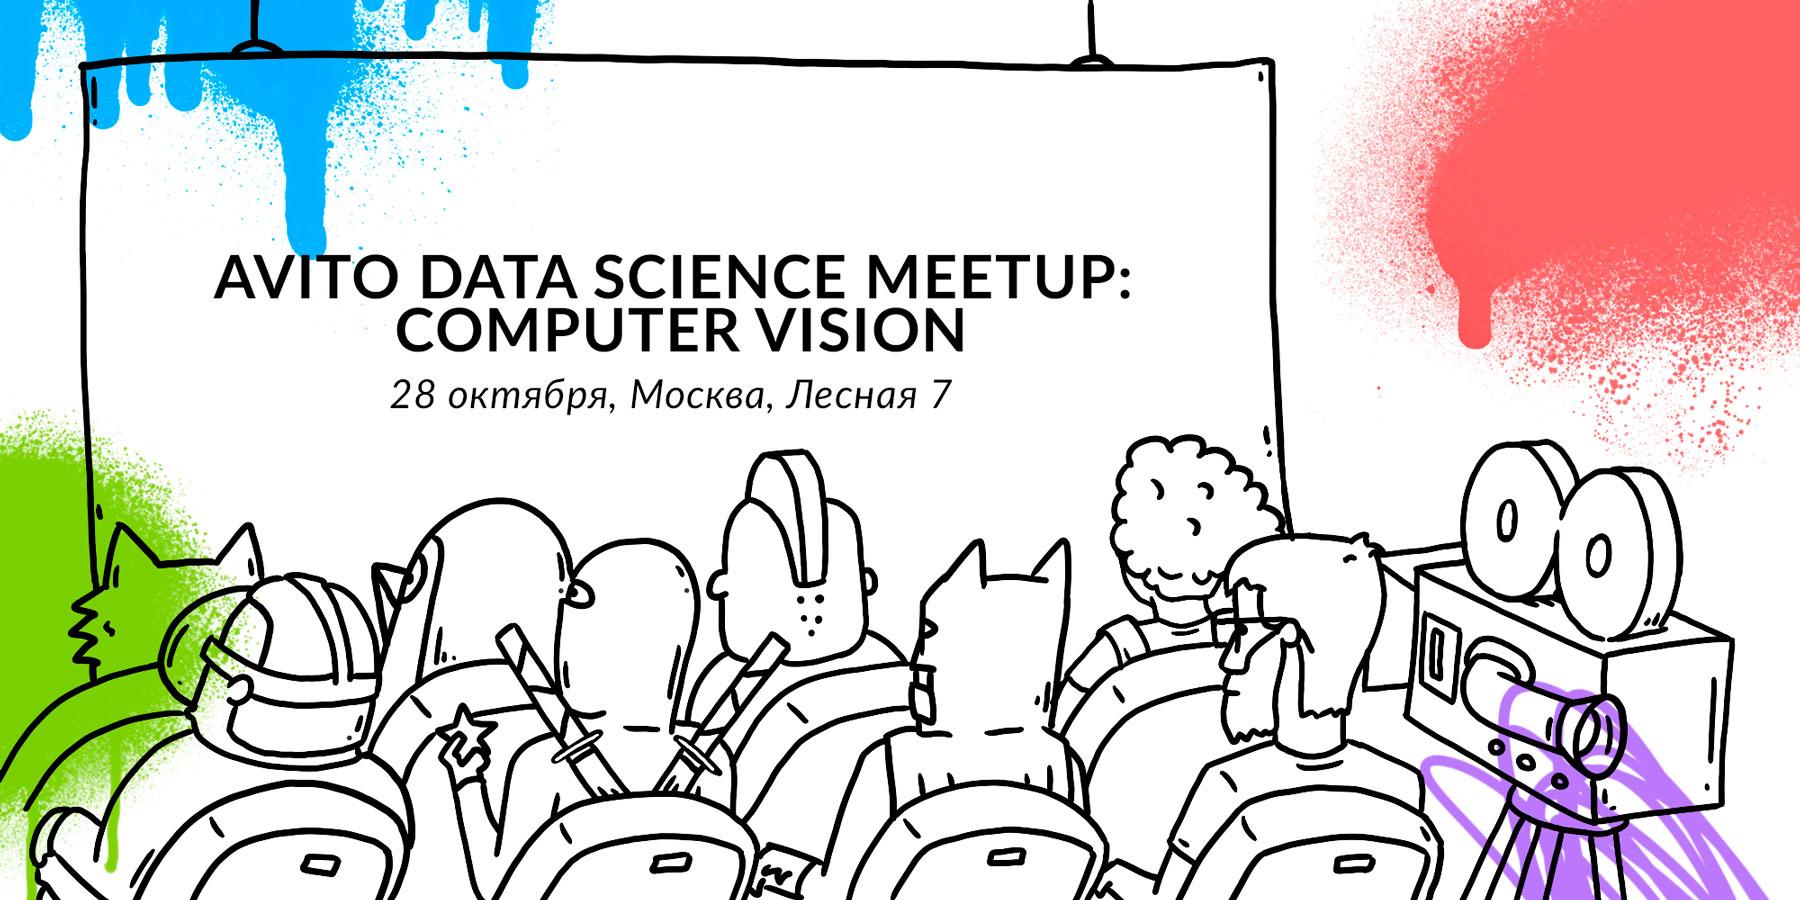 Приглашение на Meetup по компьютерному зрению в Avito, 28 октября